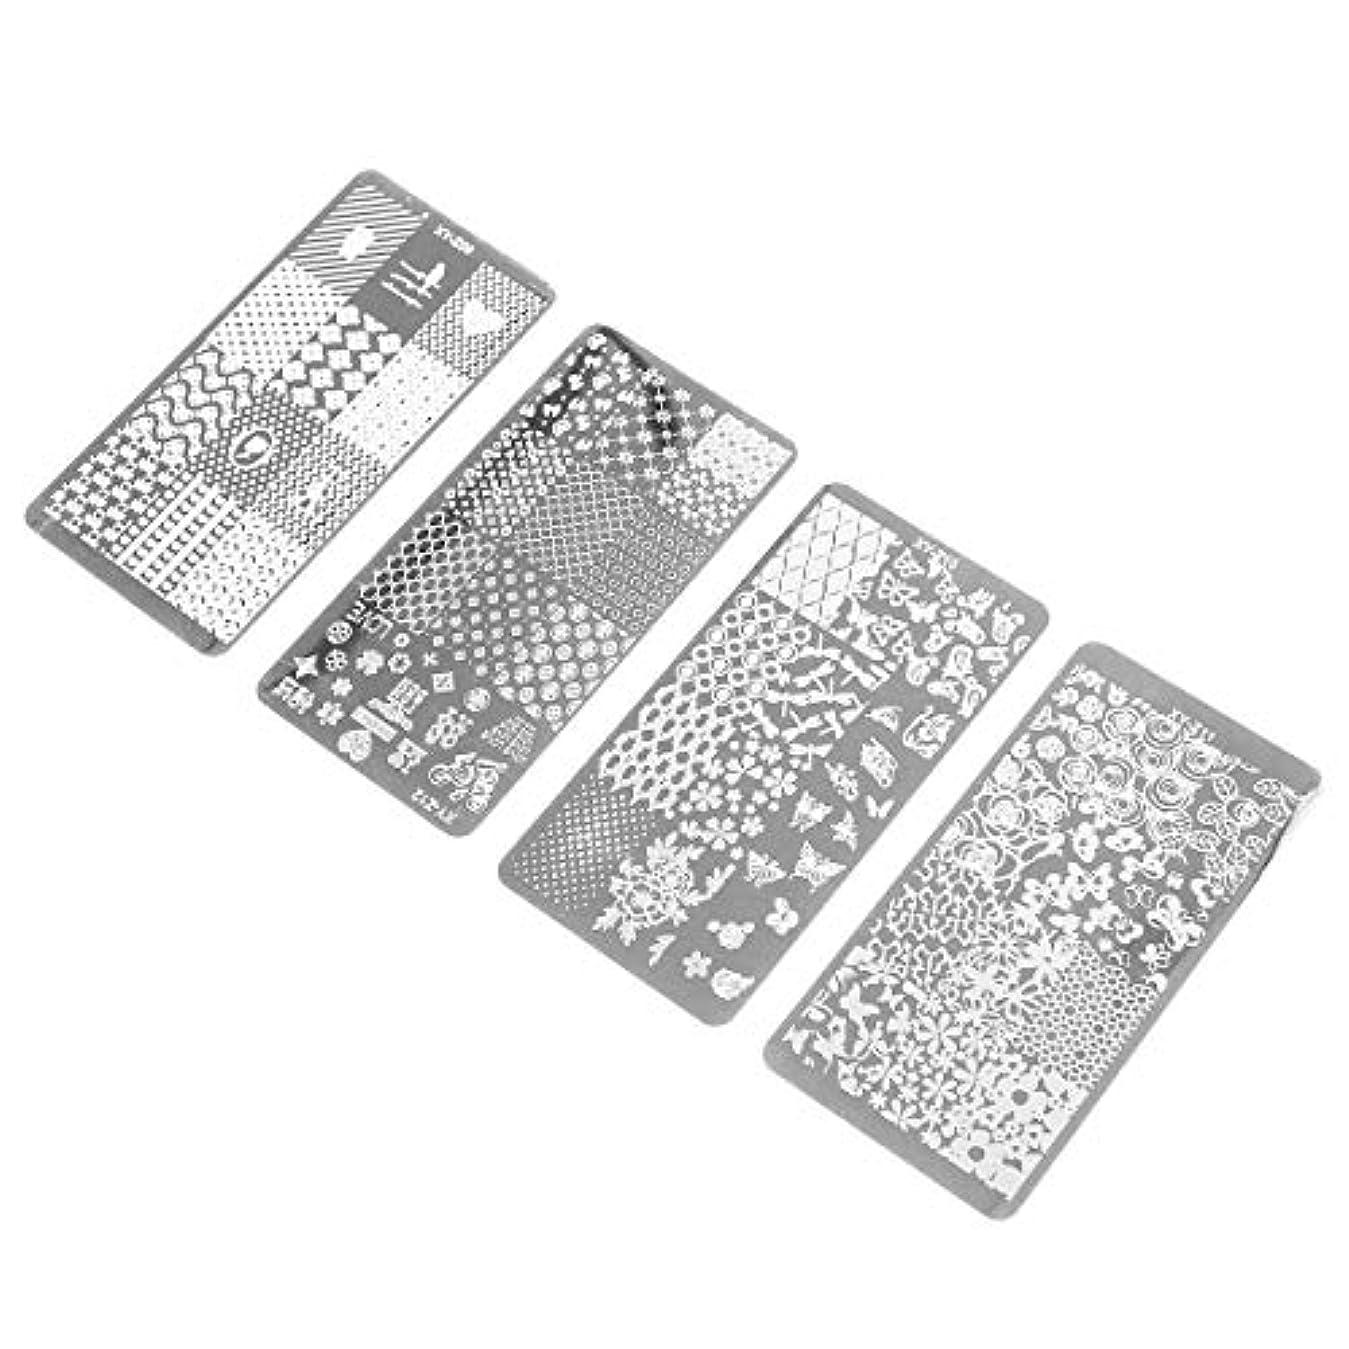 クラブ害パーティーFrcolor ネイルスタンププレート ネイルイメージプレート DIY ネイルアー動物植物 ネイルデザイン用品 ネイルアートツール